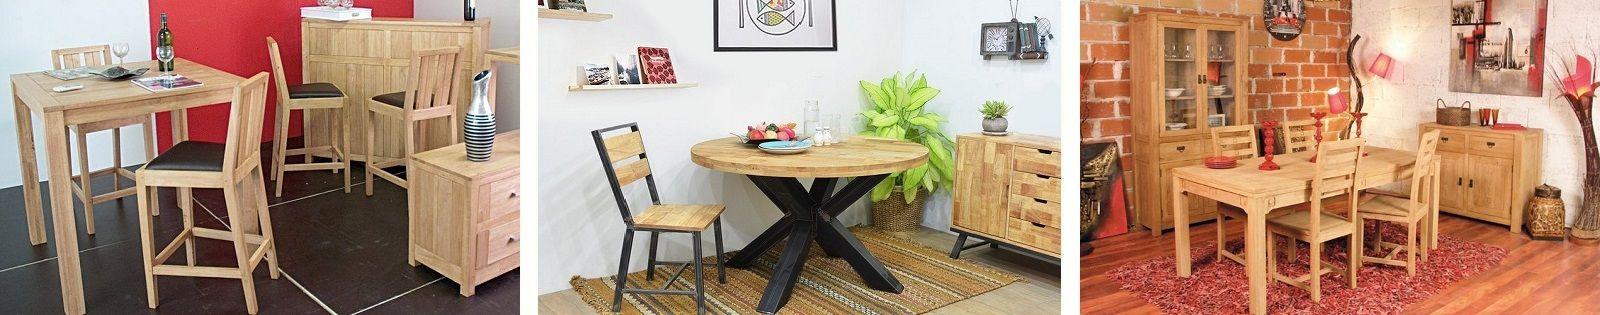 Chaise en Hévéa massif, meuble pour compléter votre salle à manger. Lotuséa